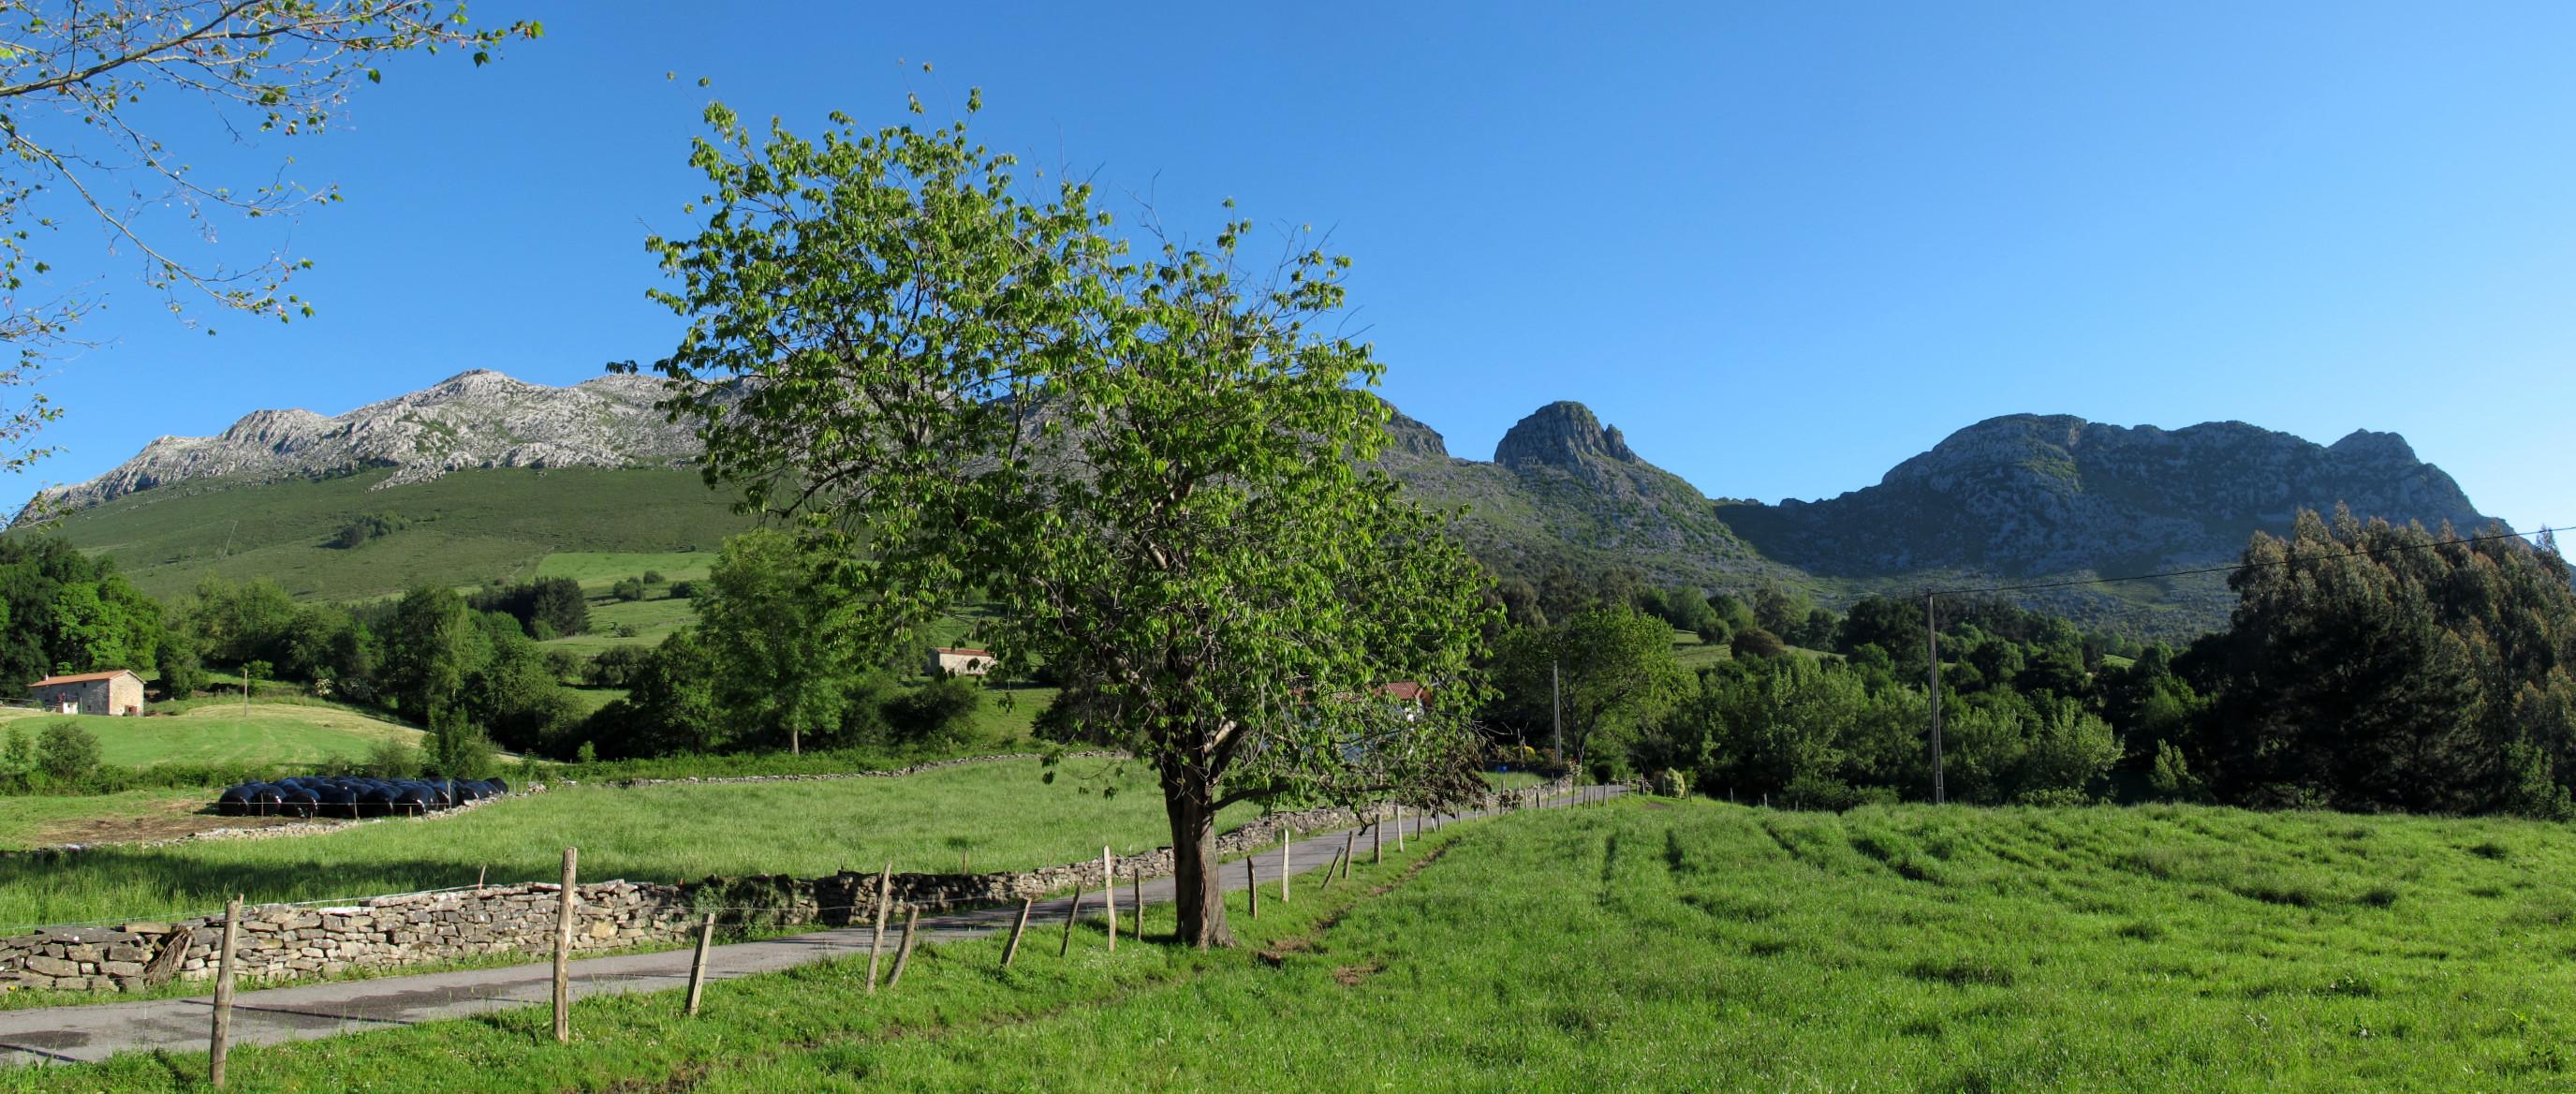 La pista que lleva a Manzaneda con nuestros montes detrás.